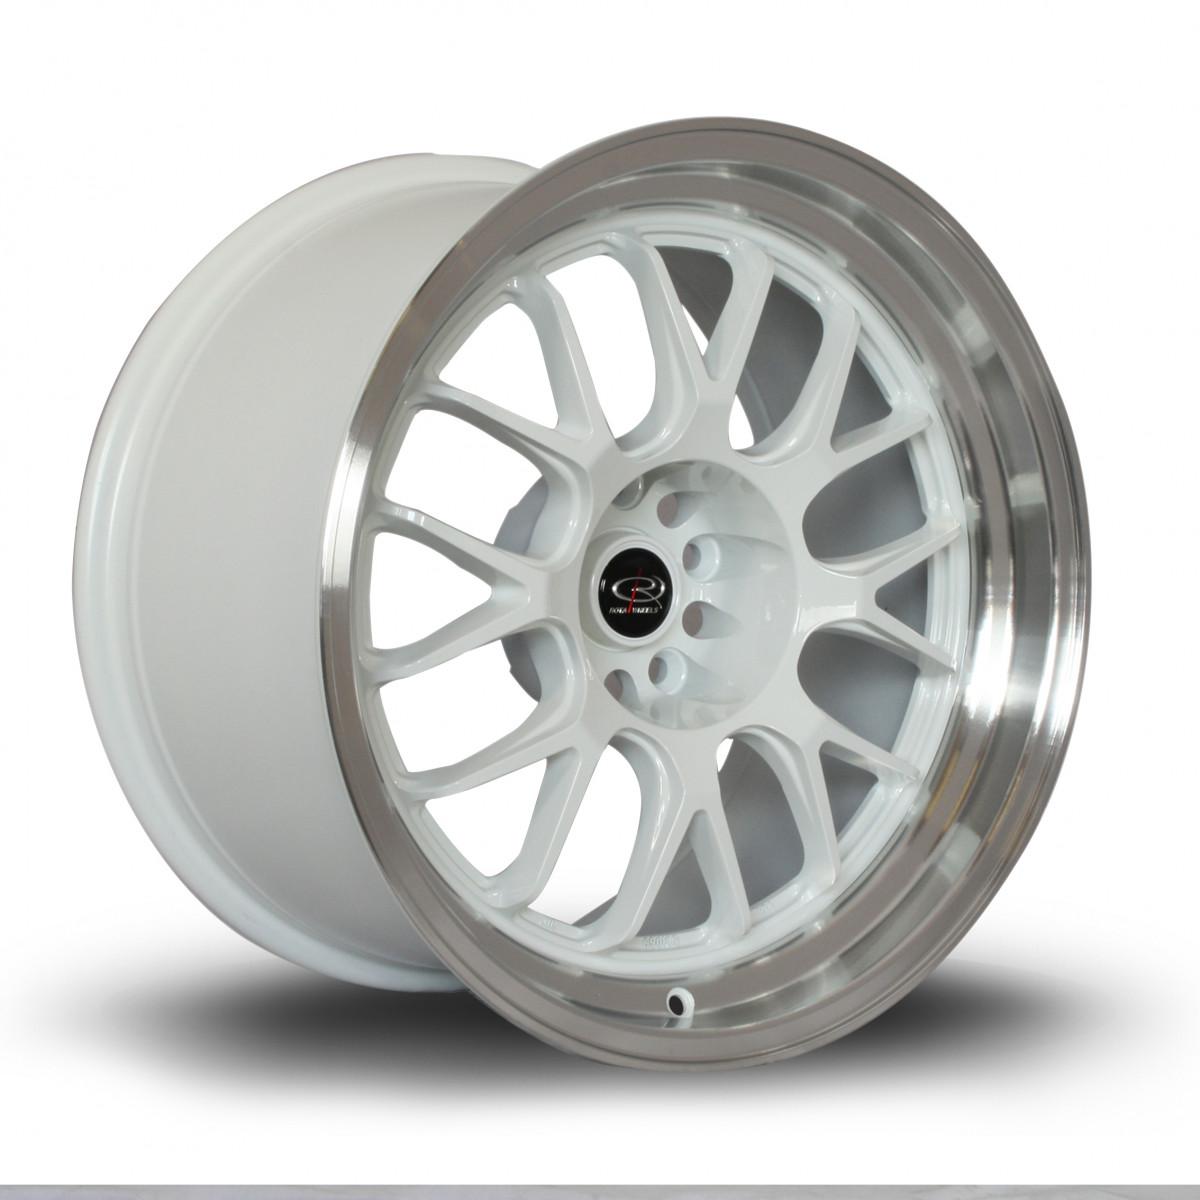 MXR 18x9.5 5x112 ET38 White with Polished Lip